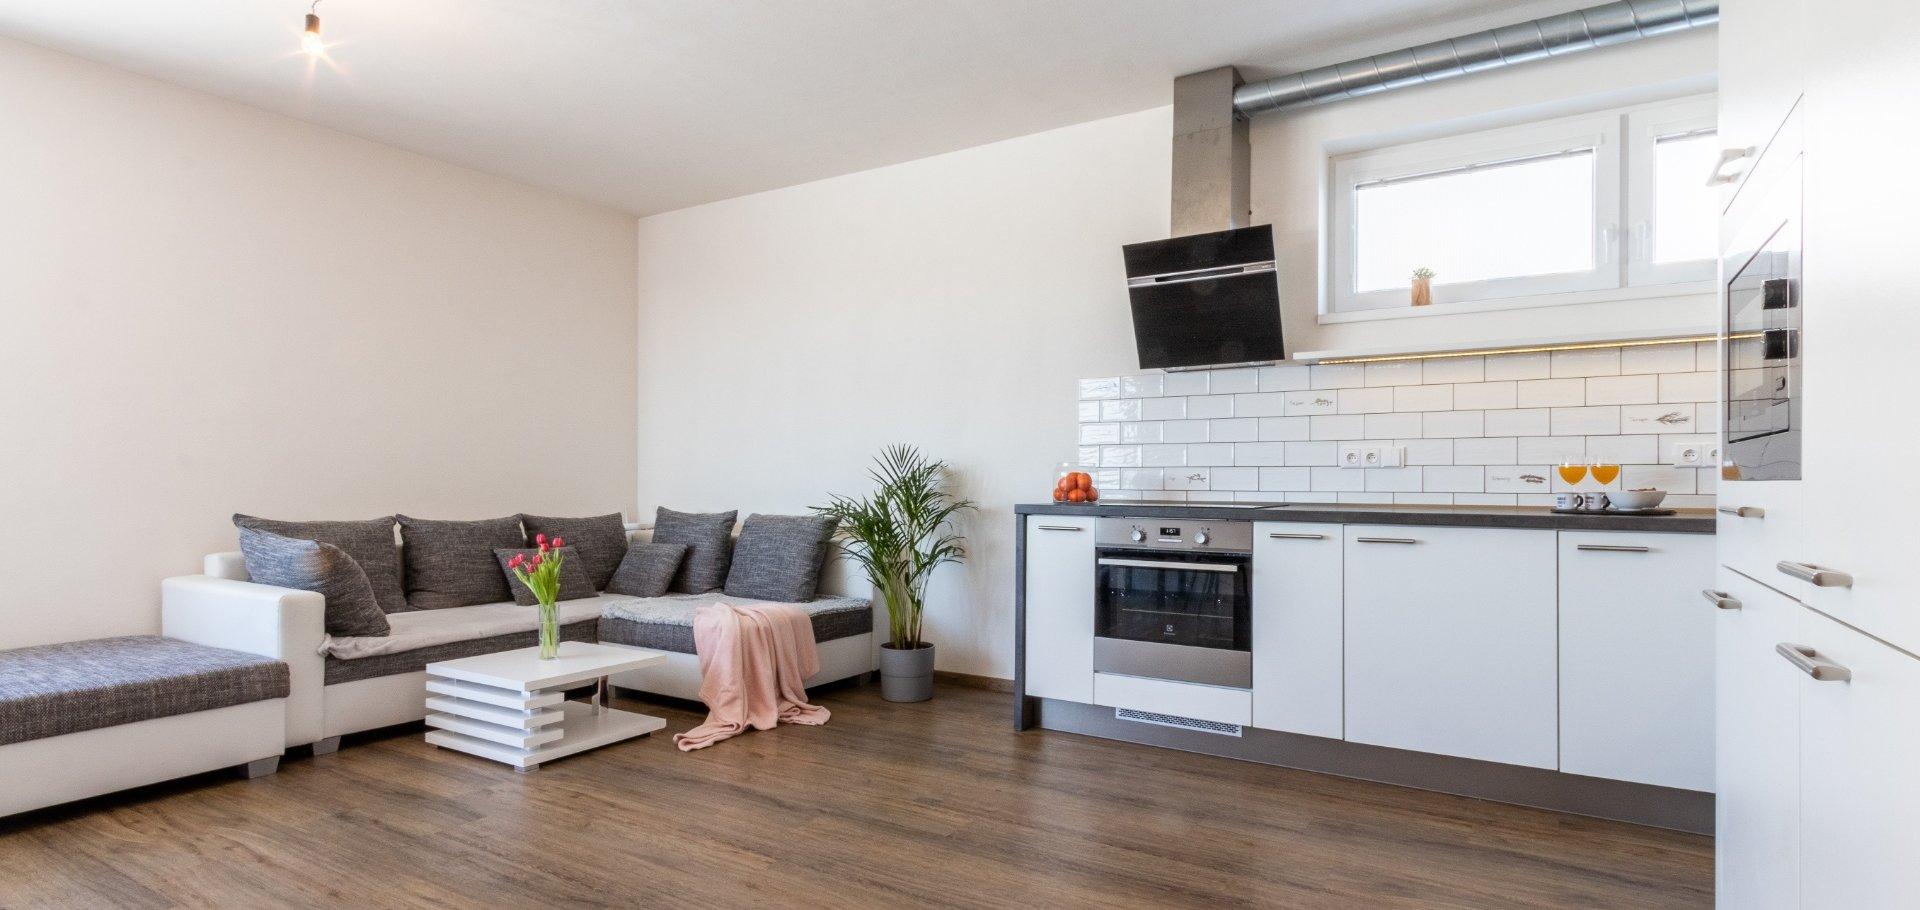 Prodej slunného bytu 2+kk k vlastnímu bydlení nebo investici